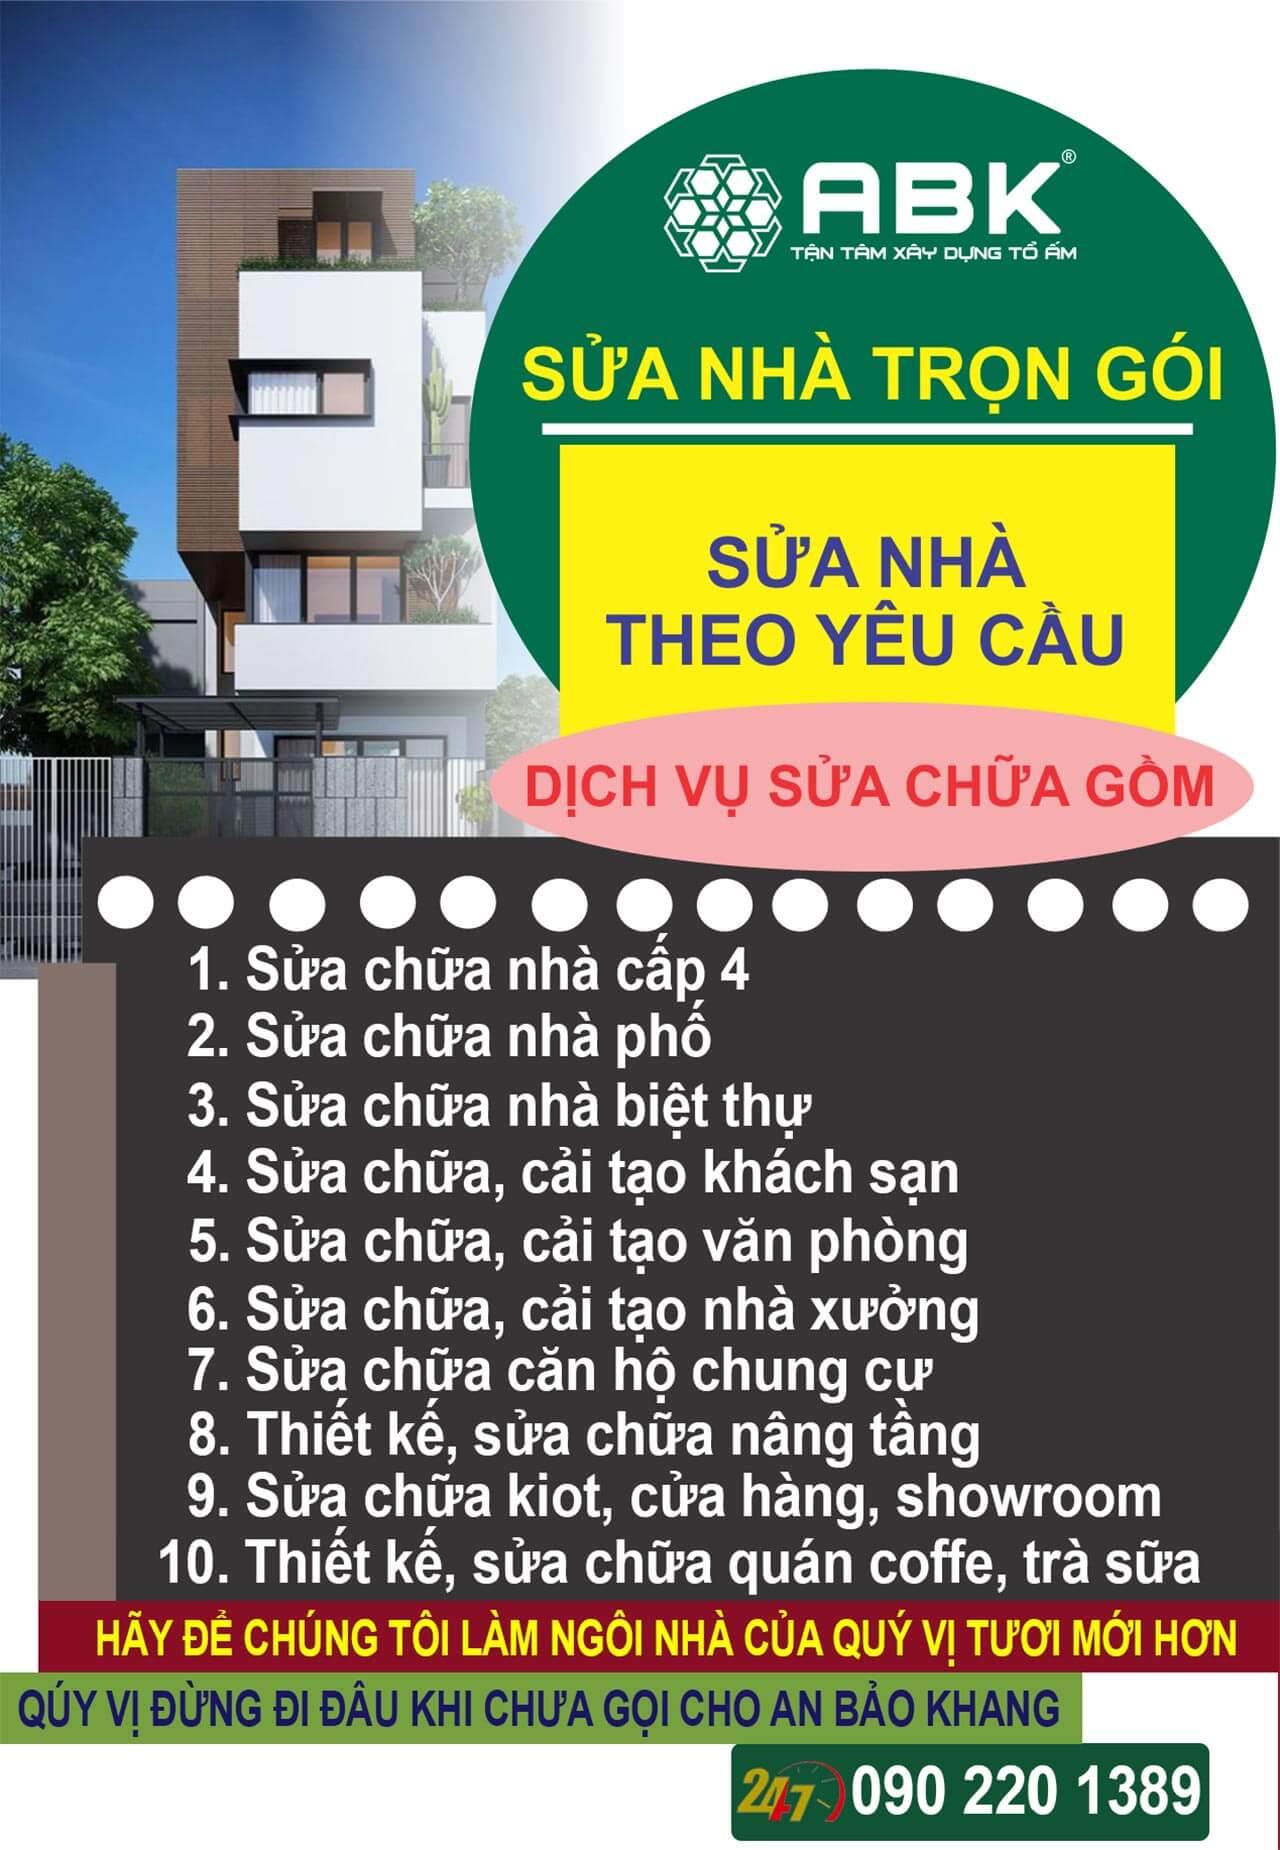 Dịch vụ sửa chữa nhà huyện Củ Chi